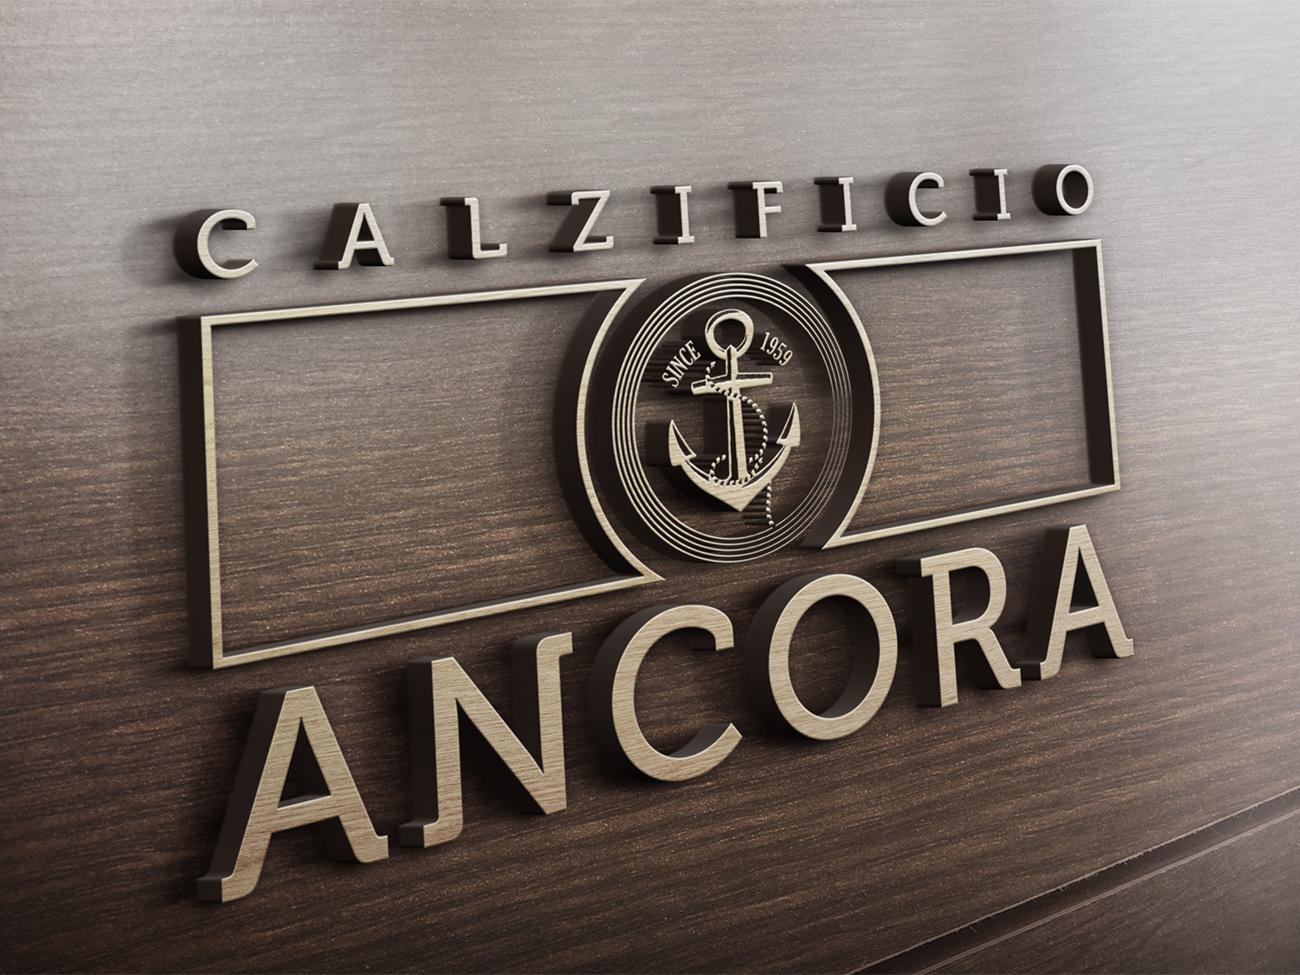 logo Calzificio Ancora